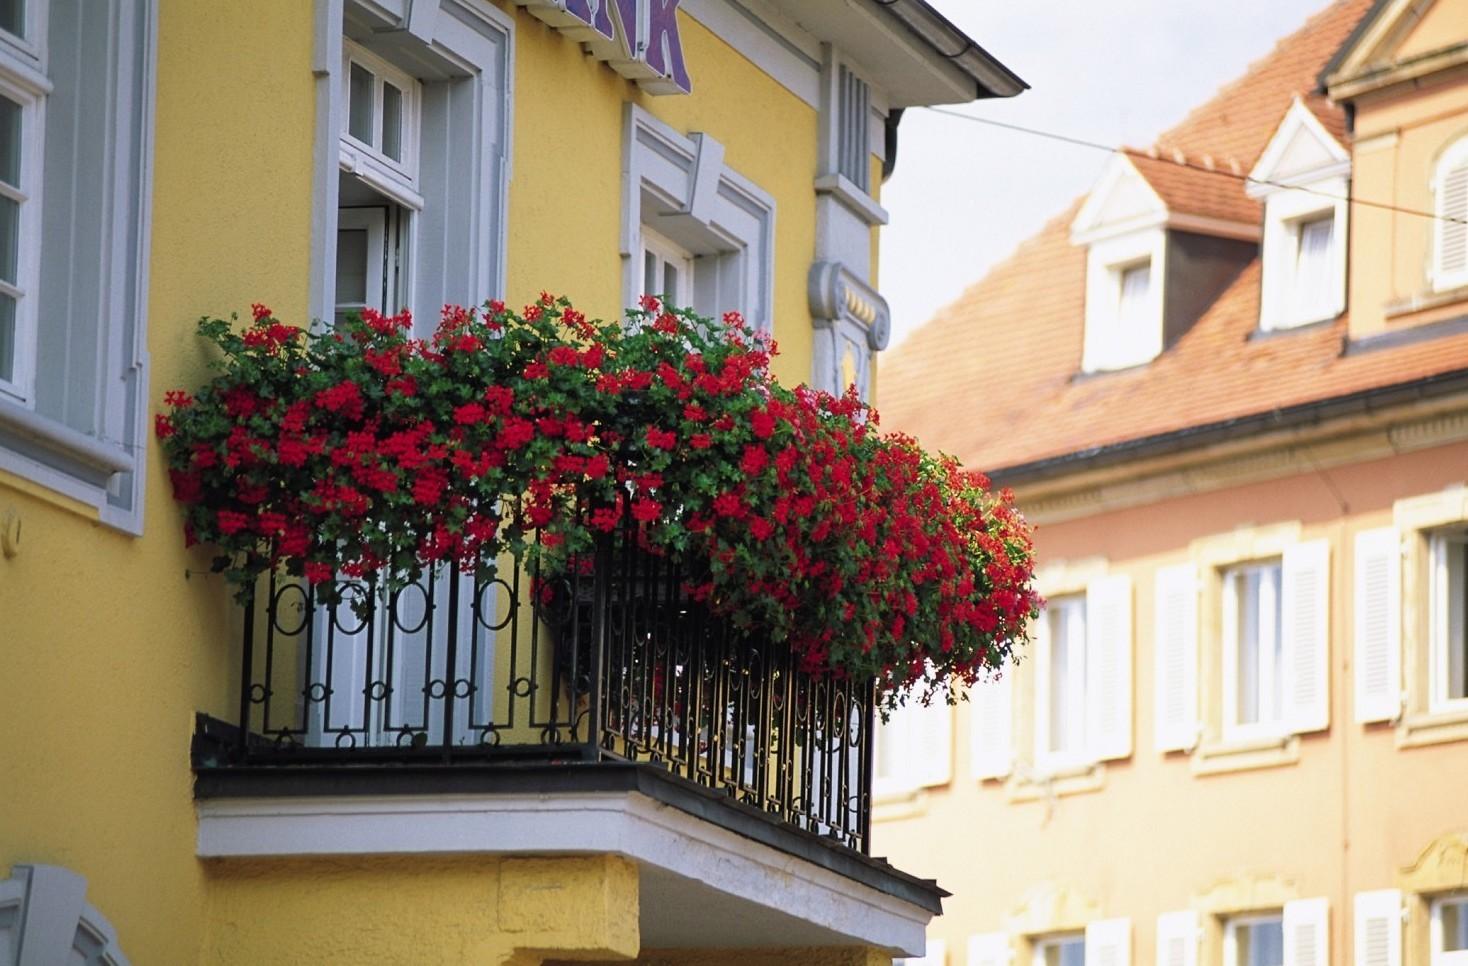 Balcone rovinato, chi deve pagare lavori tra condominio e proprietario casa